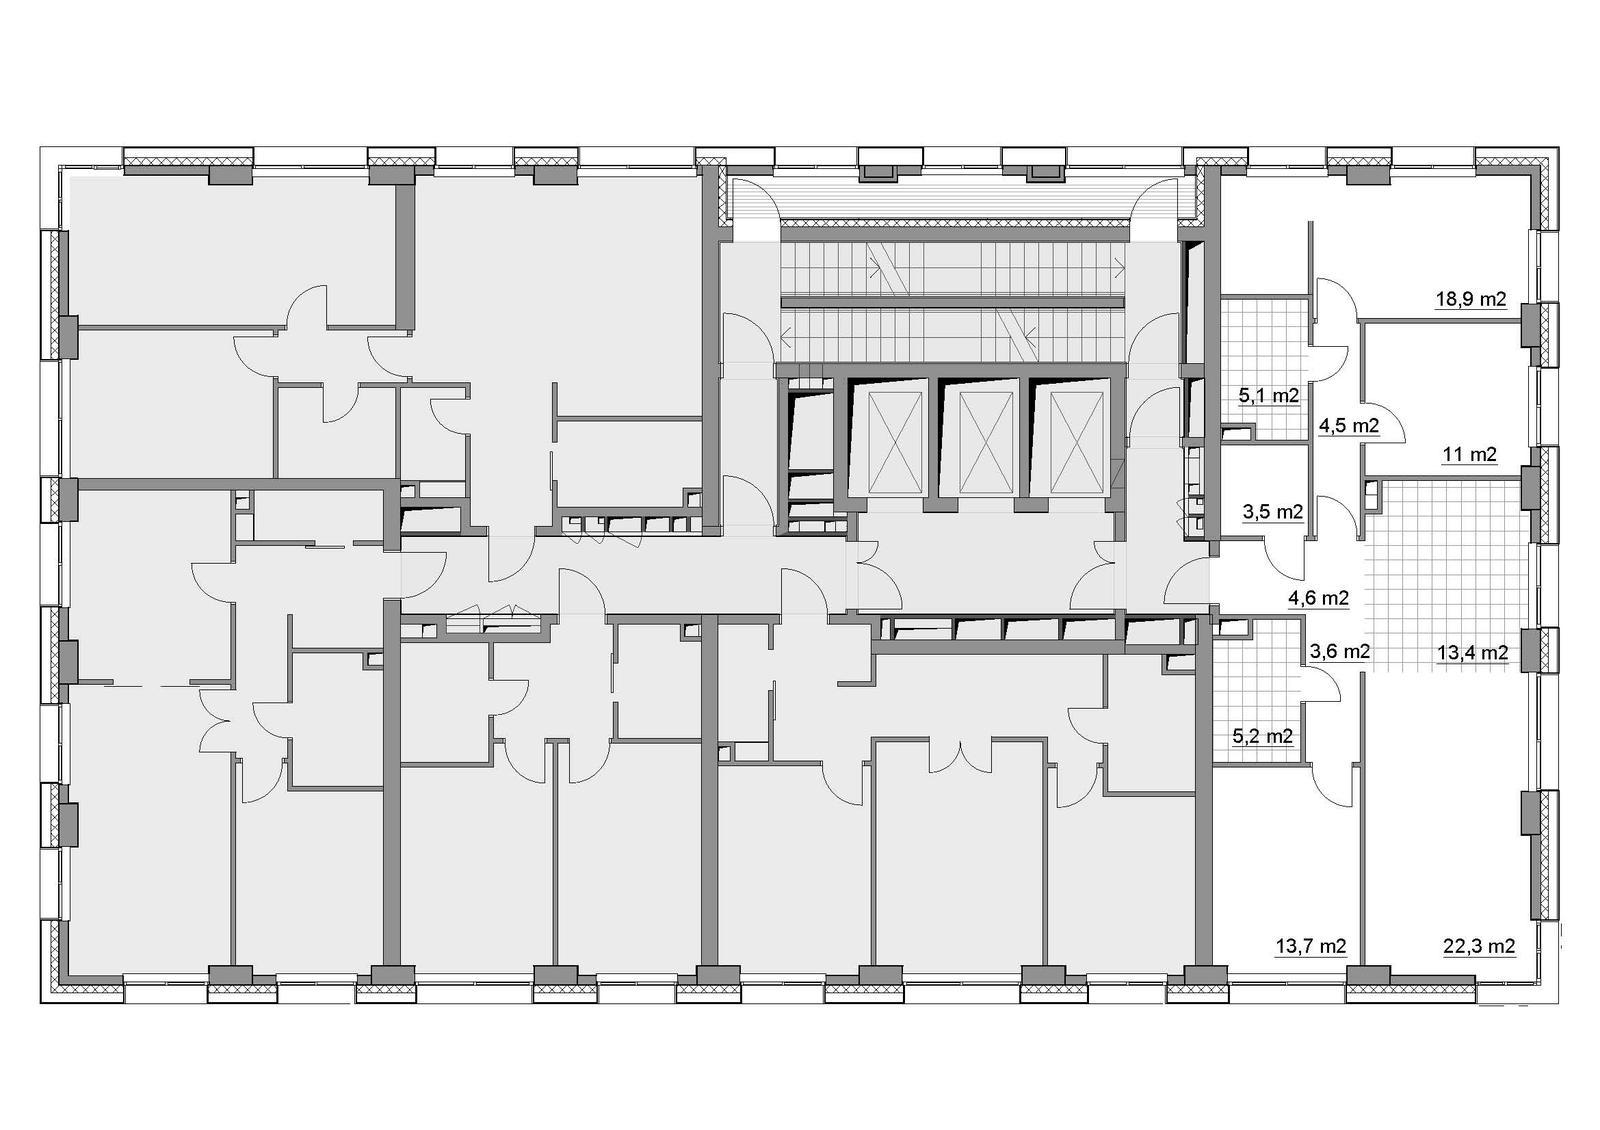 Продаётся 4-комнатная квартира в новостройке 105.8 кв.м. этаж 2/31 за 38 304 890 руб